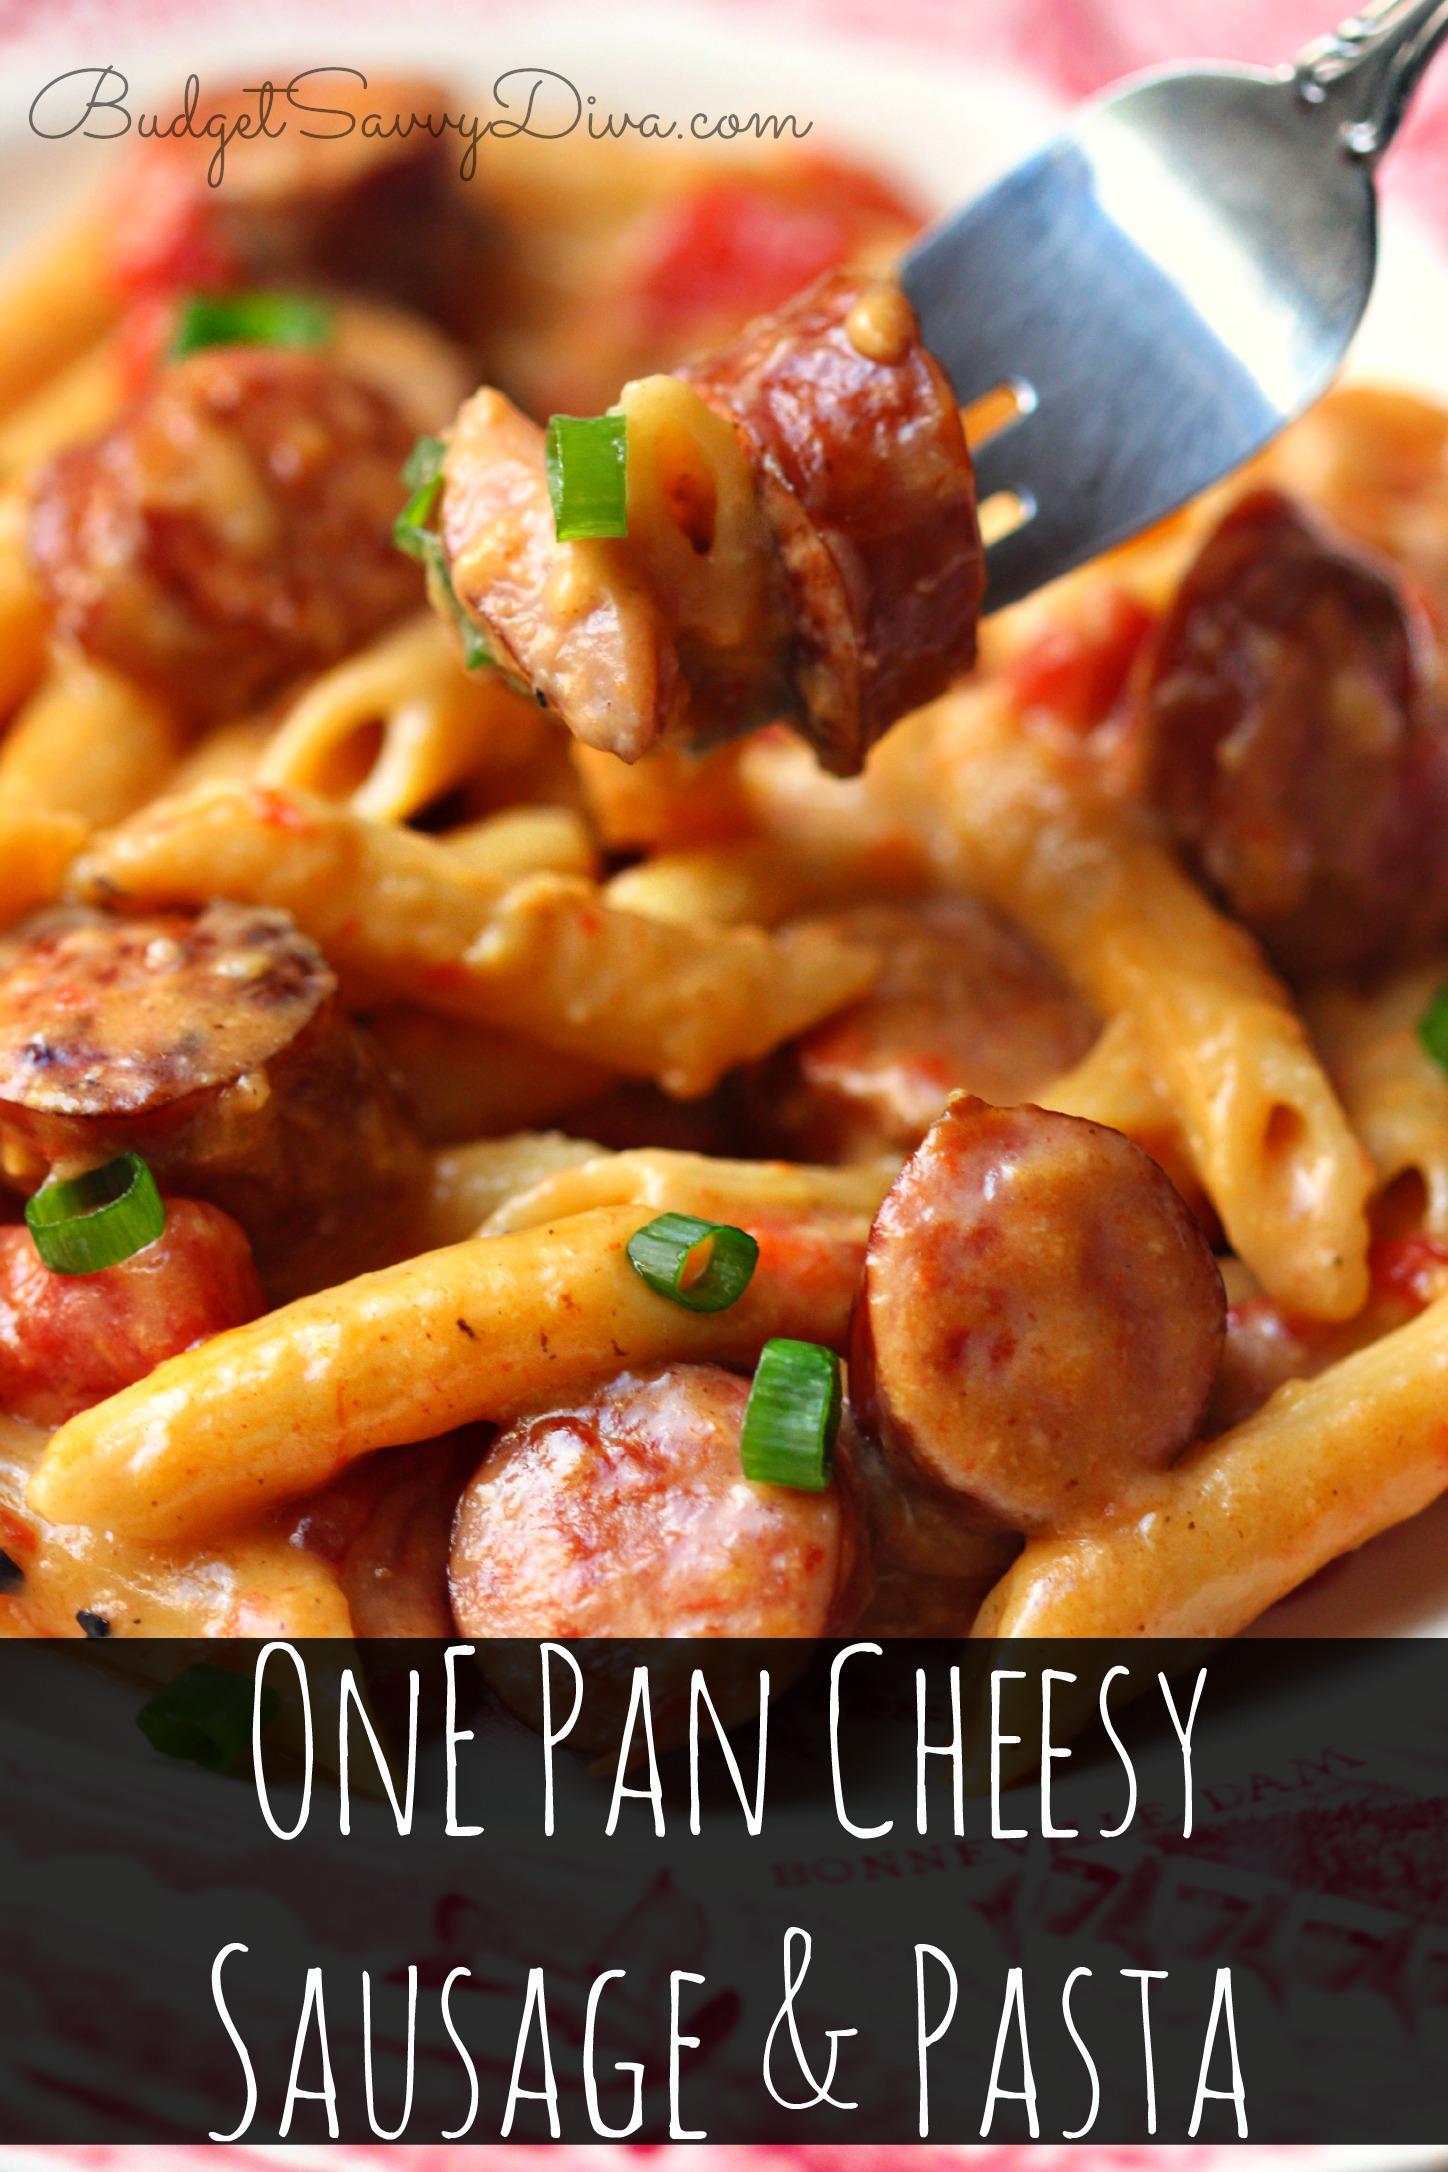 One Pan Cheesy Smoked Sausage & Pasta Recipe | Budget Savvy Diva